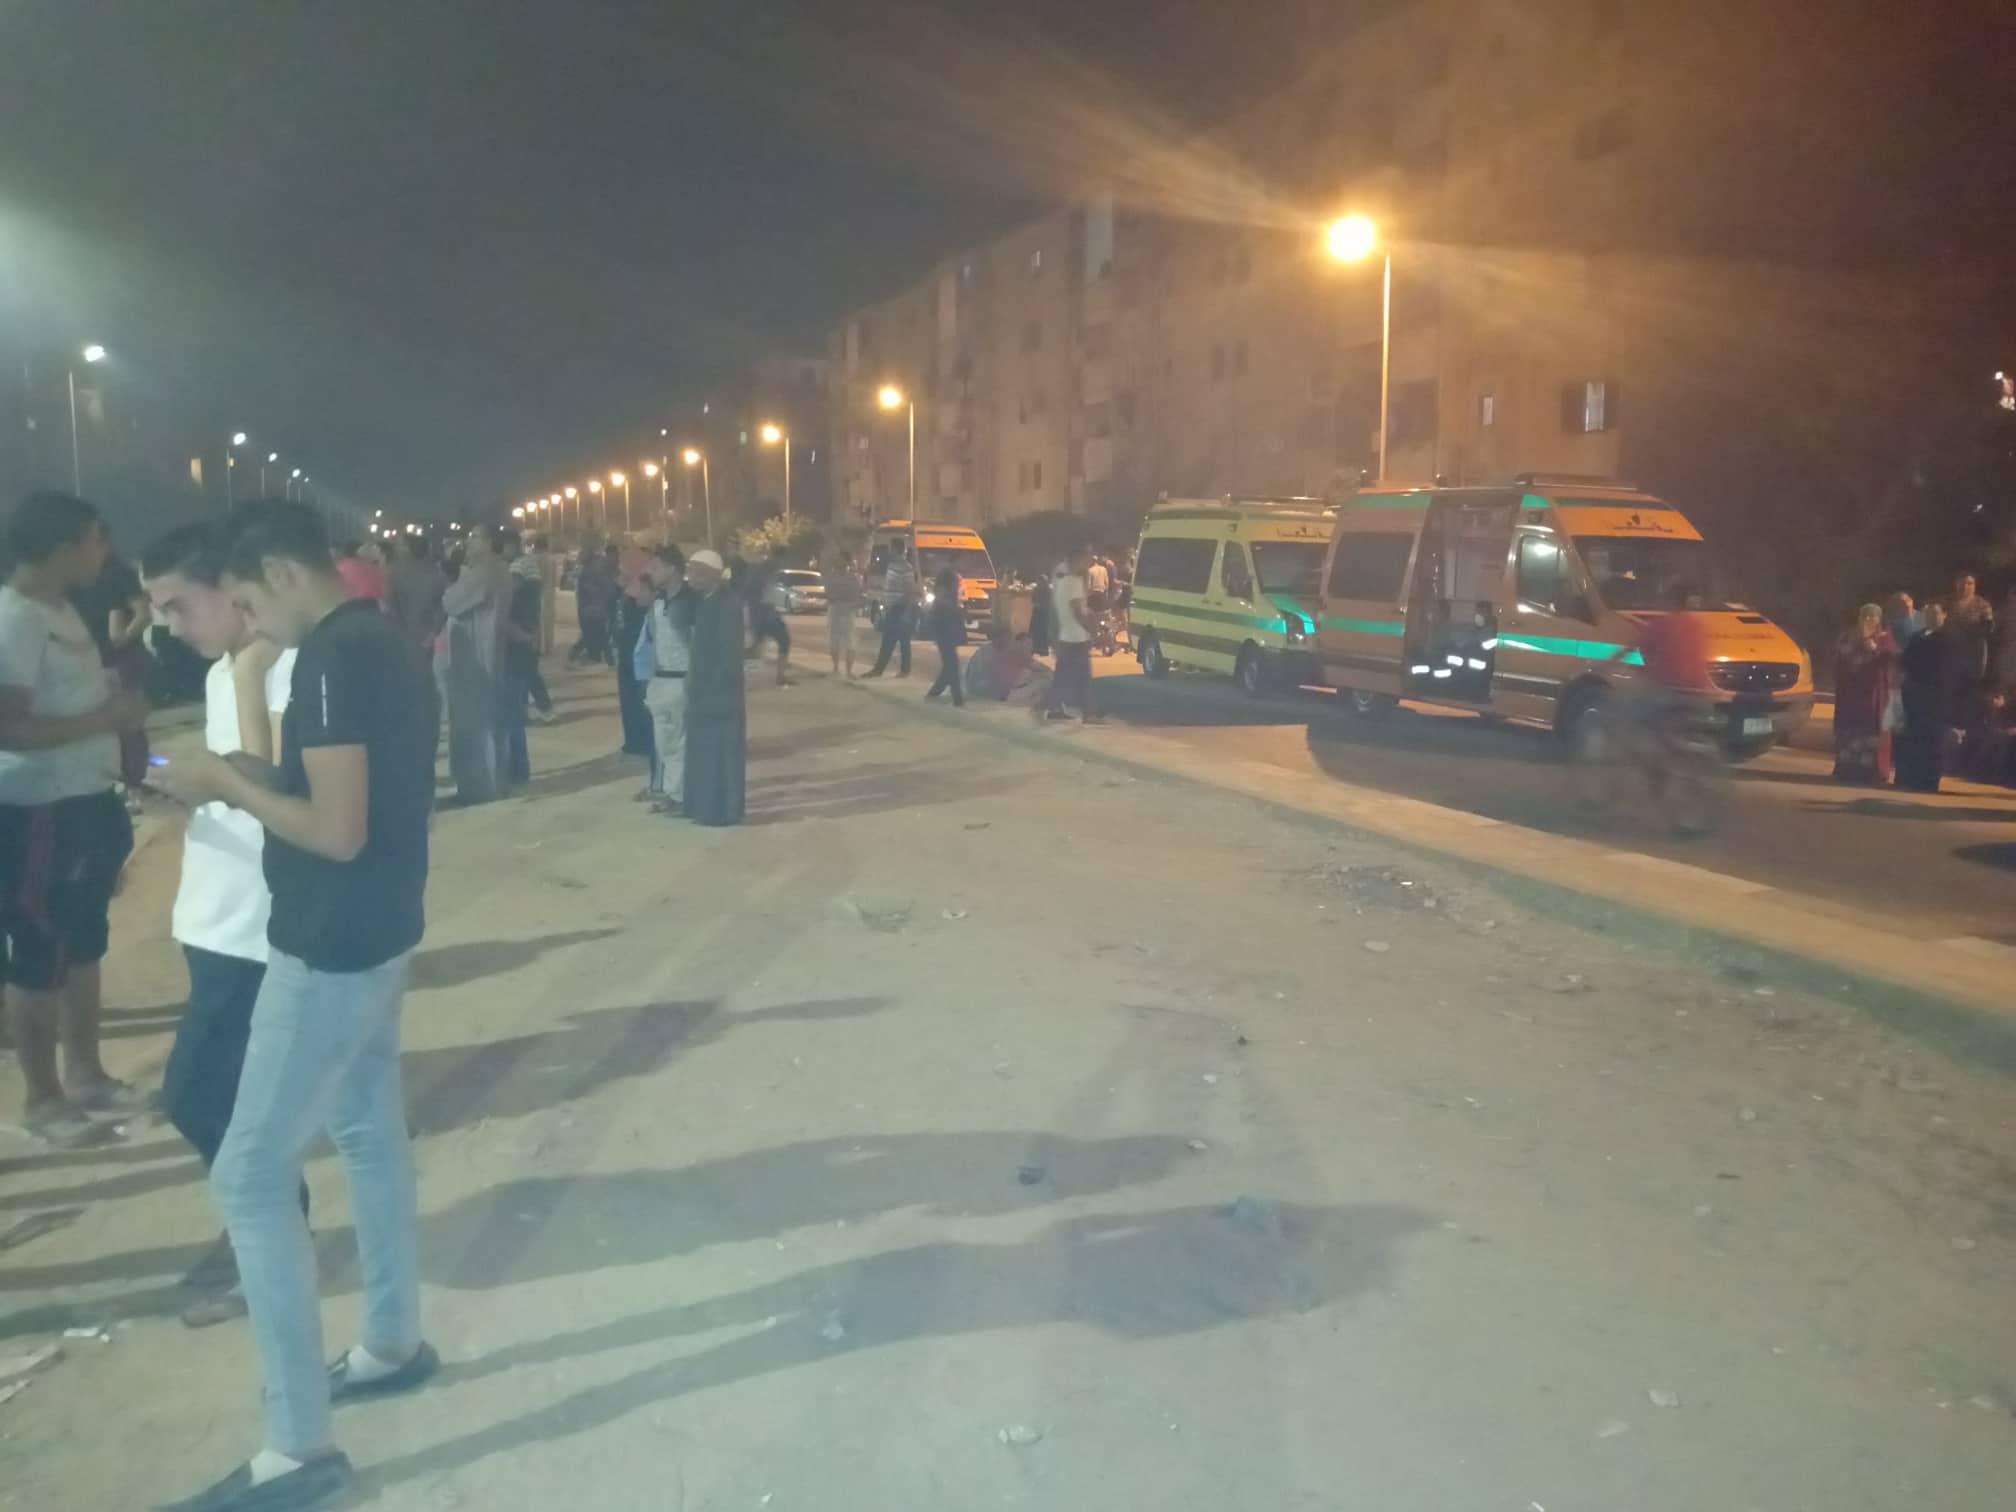 12 سيارة إطفاء للسيطرة على حريق بمصنع أدوات كهربائية بالعاشر من رمضان (7)